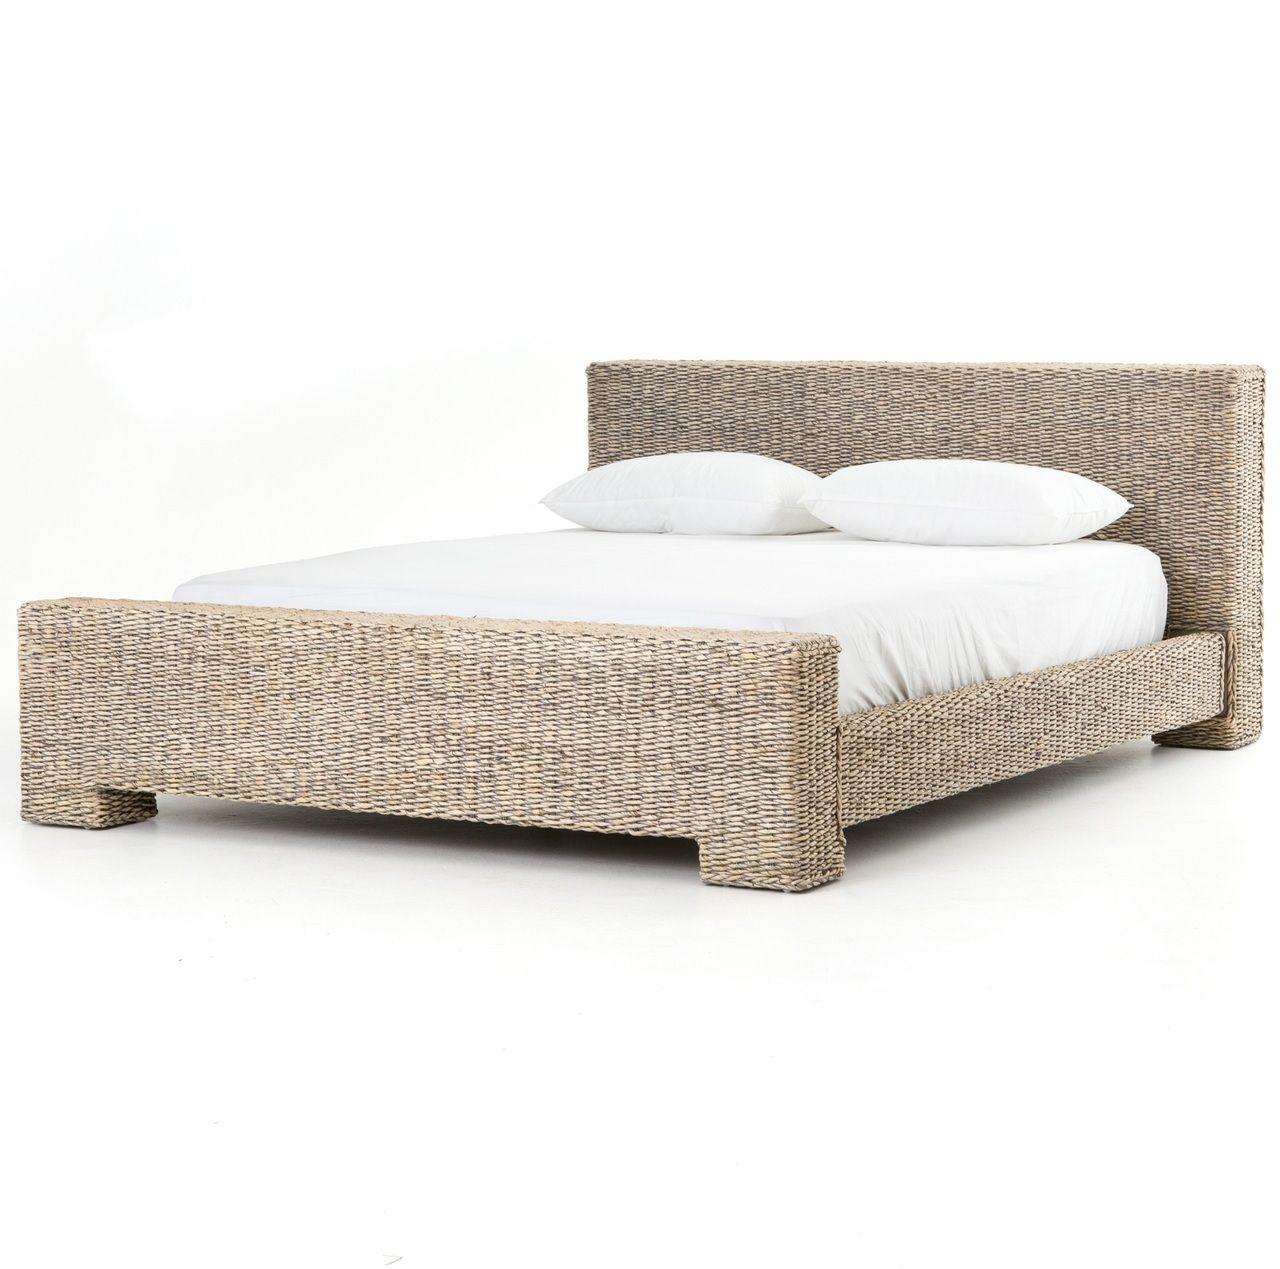 bali woven rattan queen platform bed gray abaca httpswww